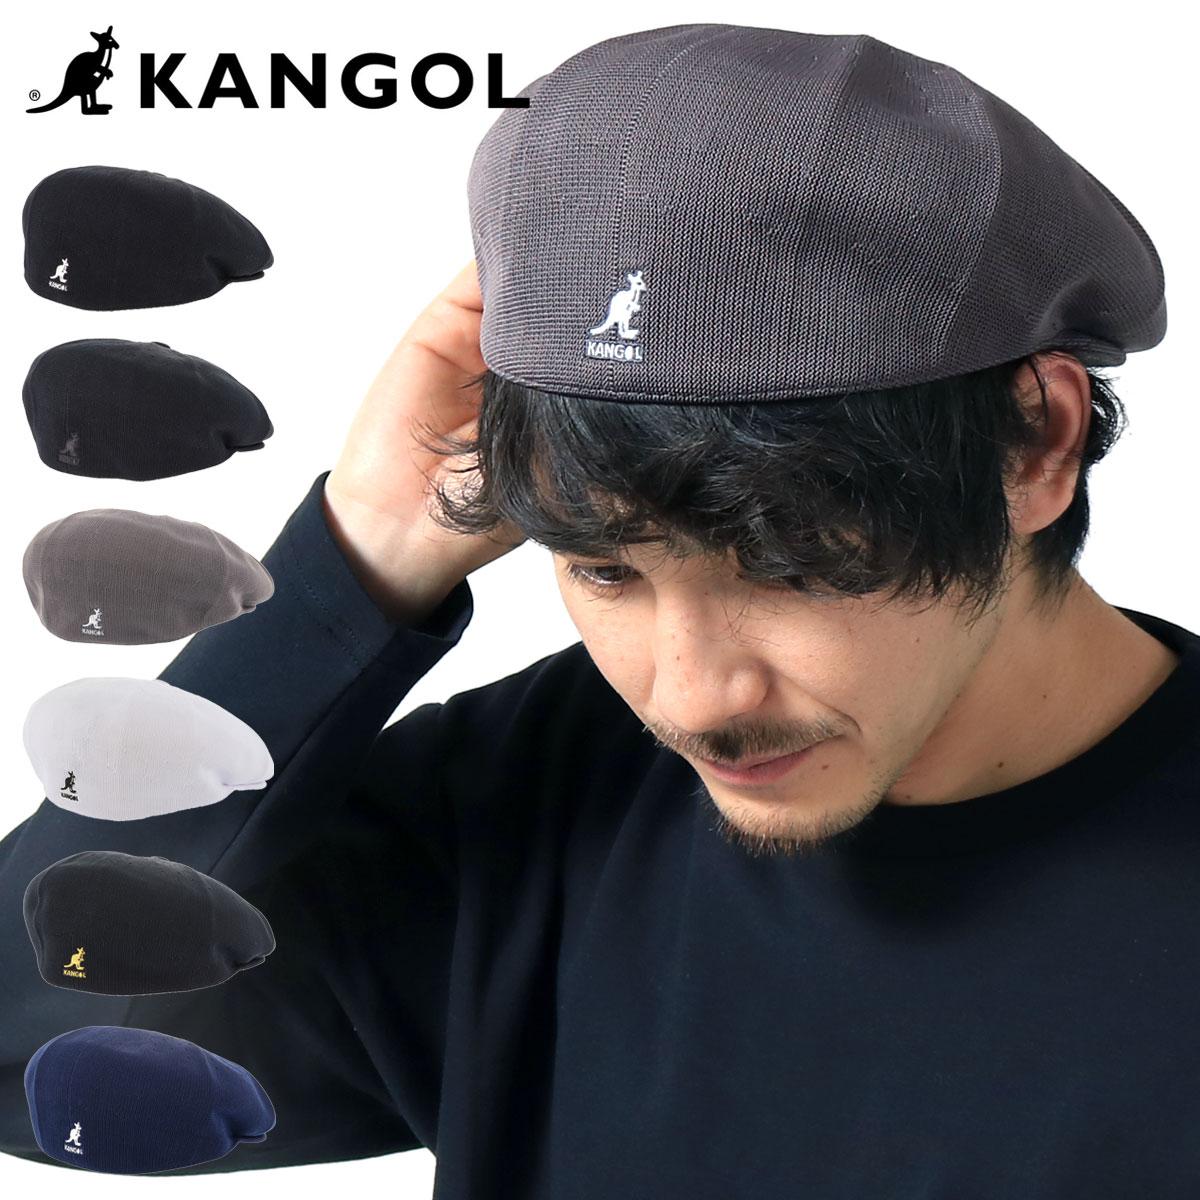 カンゴール ハンチング トロピック ギャラクシー 日本限定 SMU 175169701 KANGOL 帽子 メンズ レディース【bef】【即日発送】